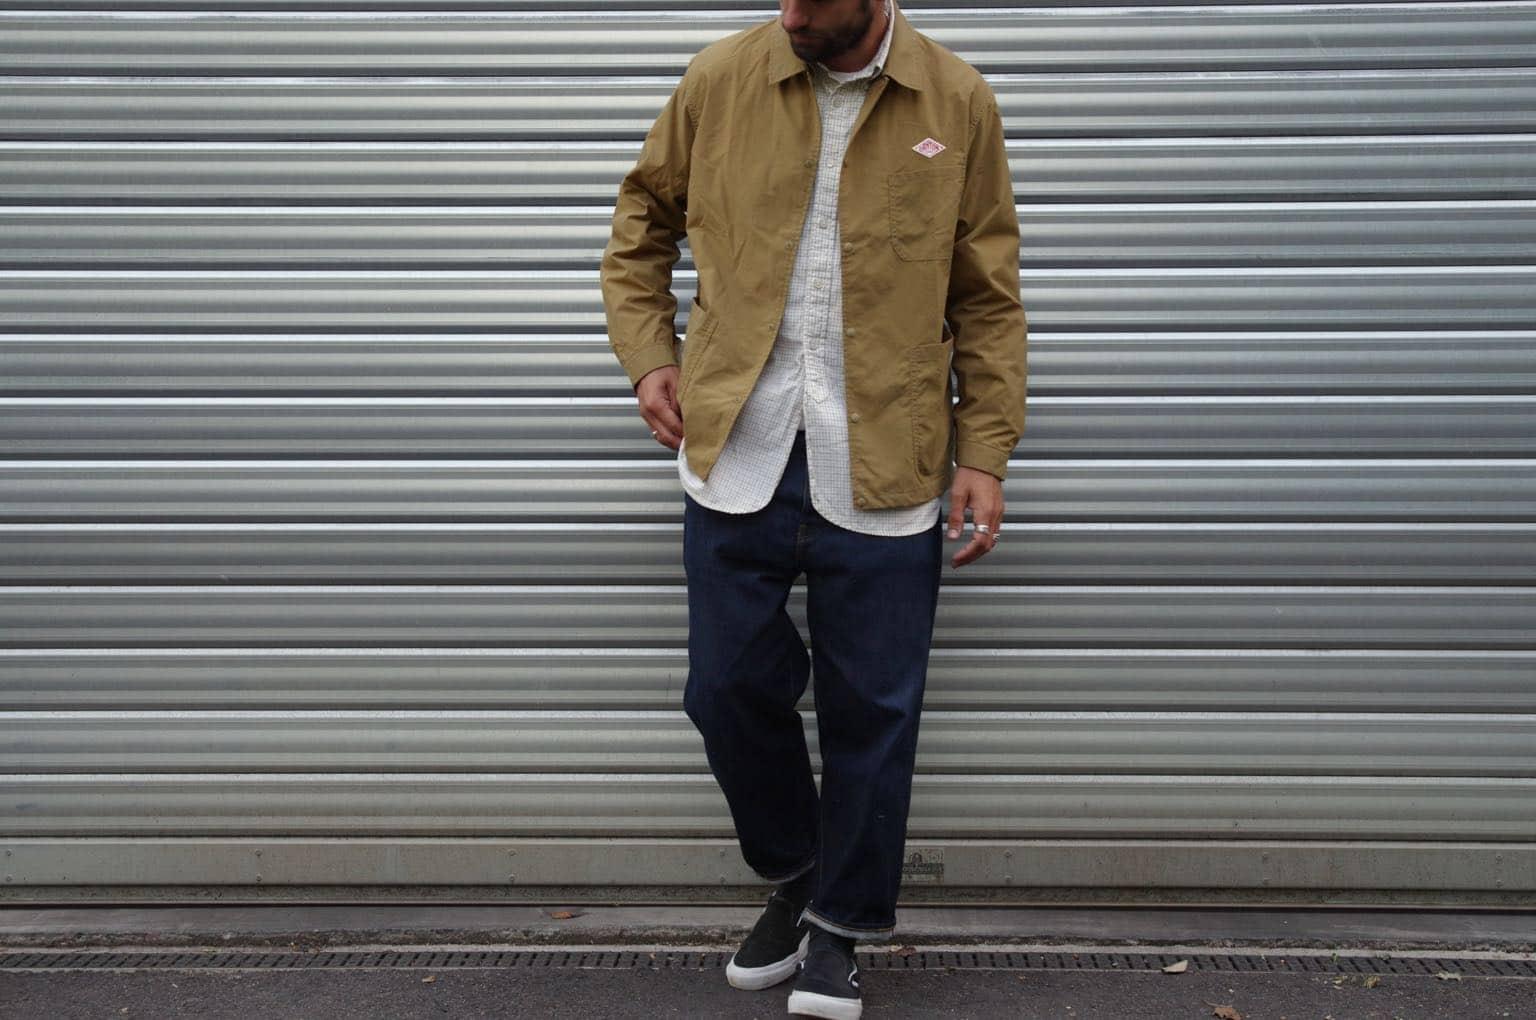 comment porter des vêtements larges coupe droites dans un look homme workwear